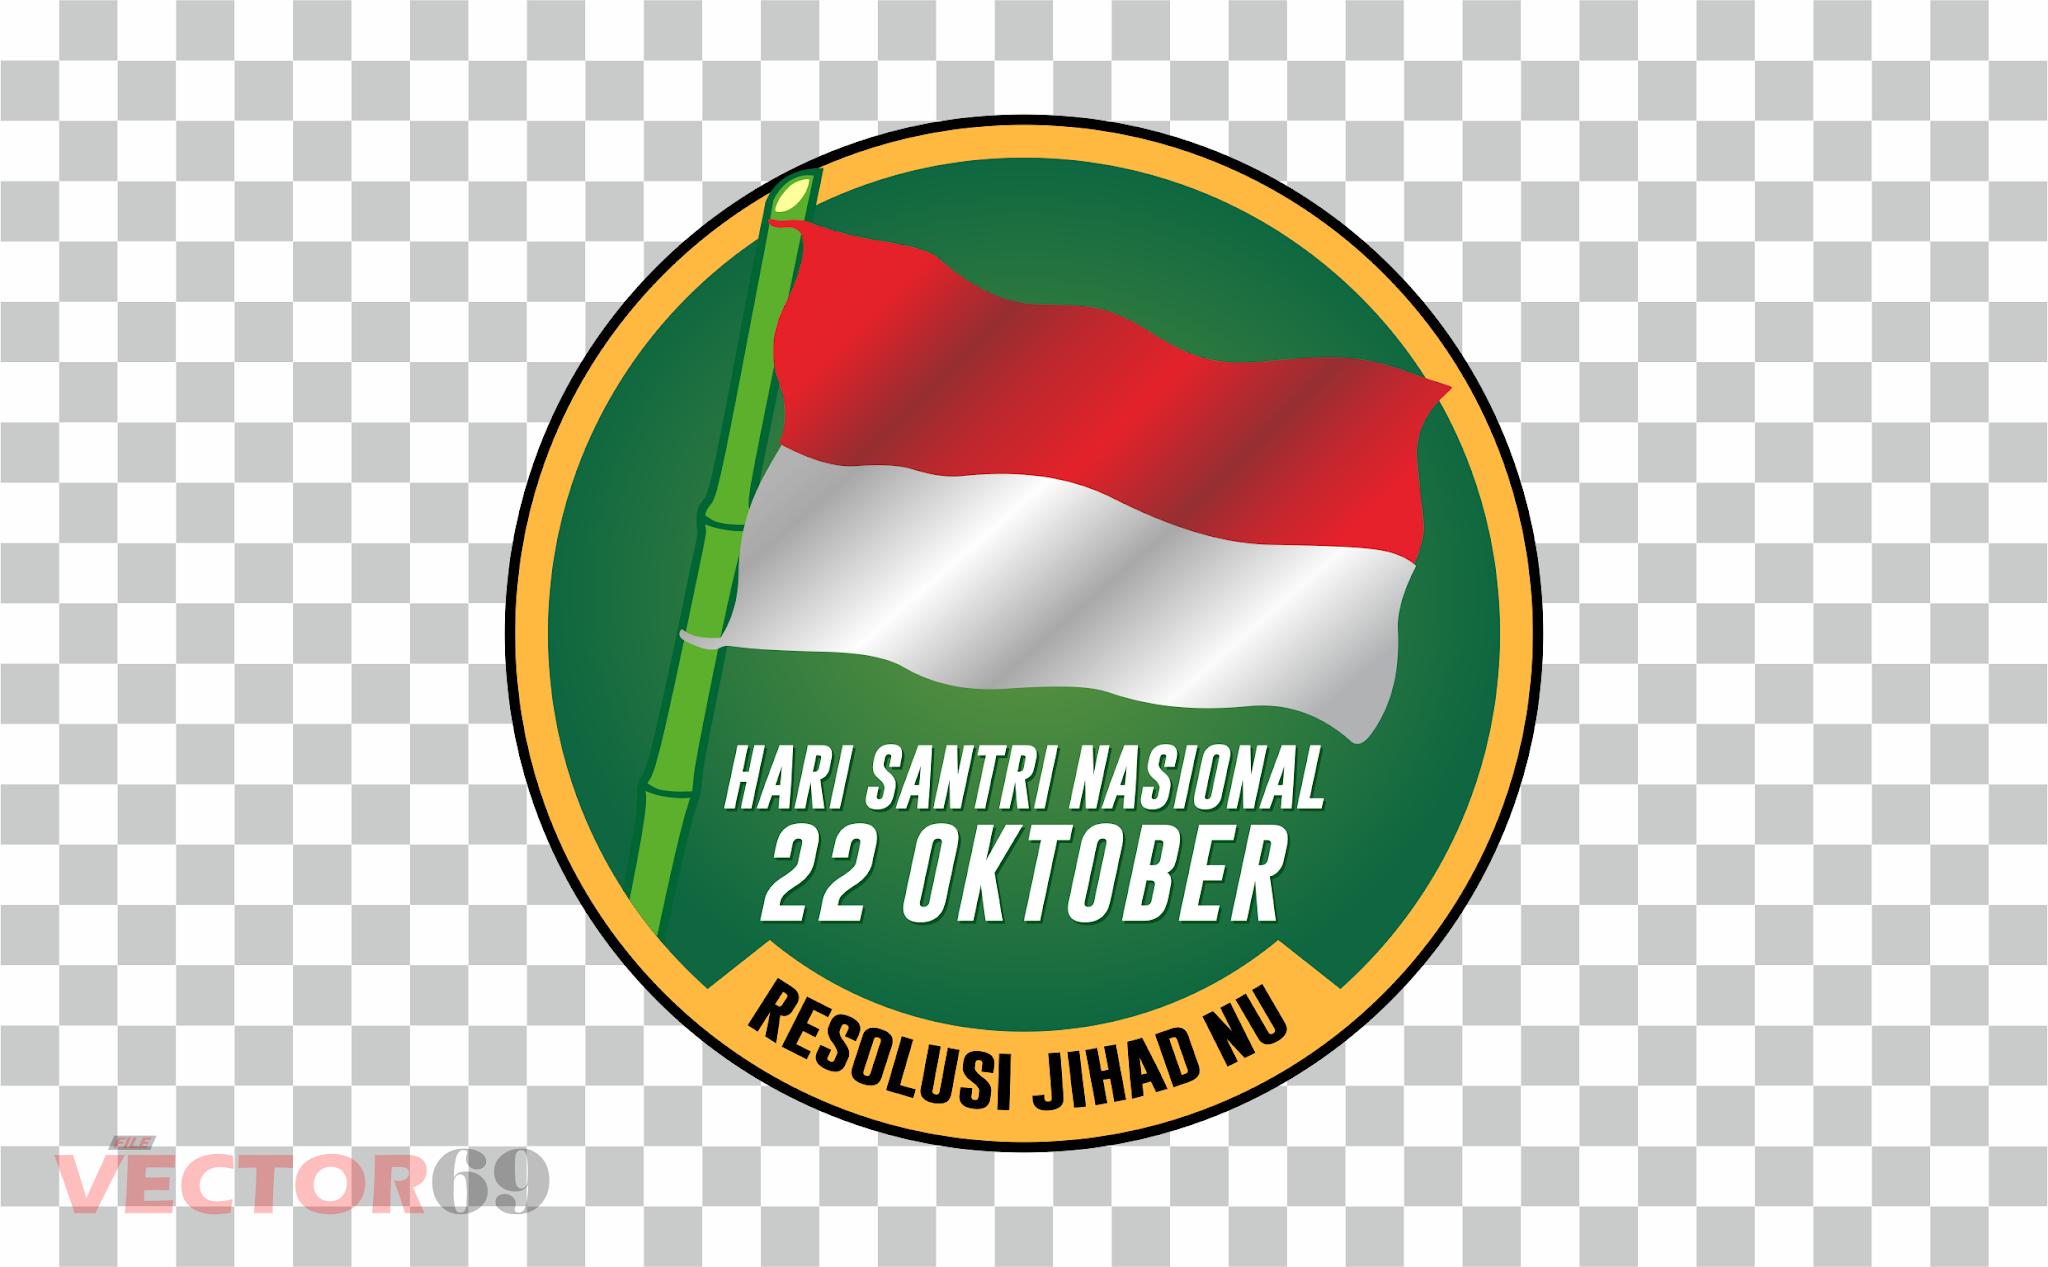 Resolusi Jihad NU, Hari Santri Nasional Logo - Download Vector File PNG (Portable Network Graphics)